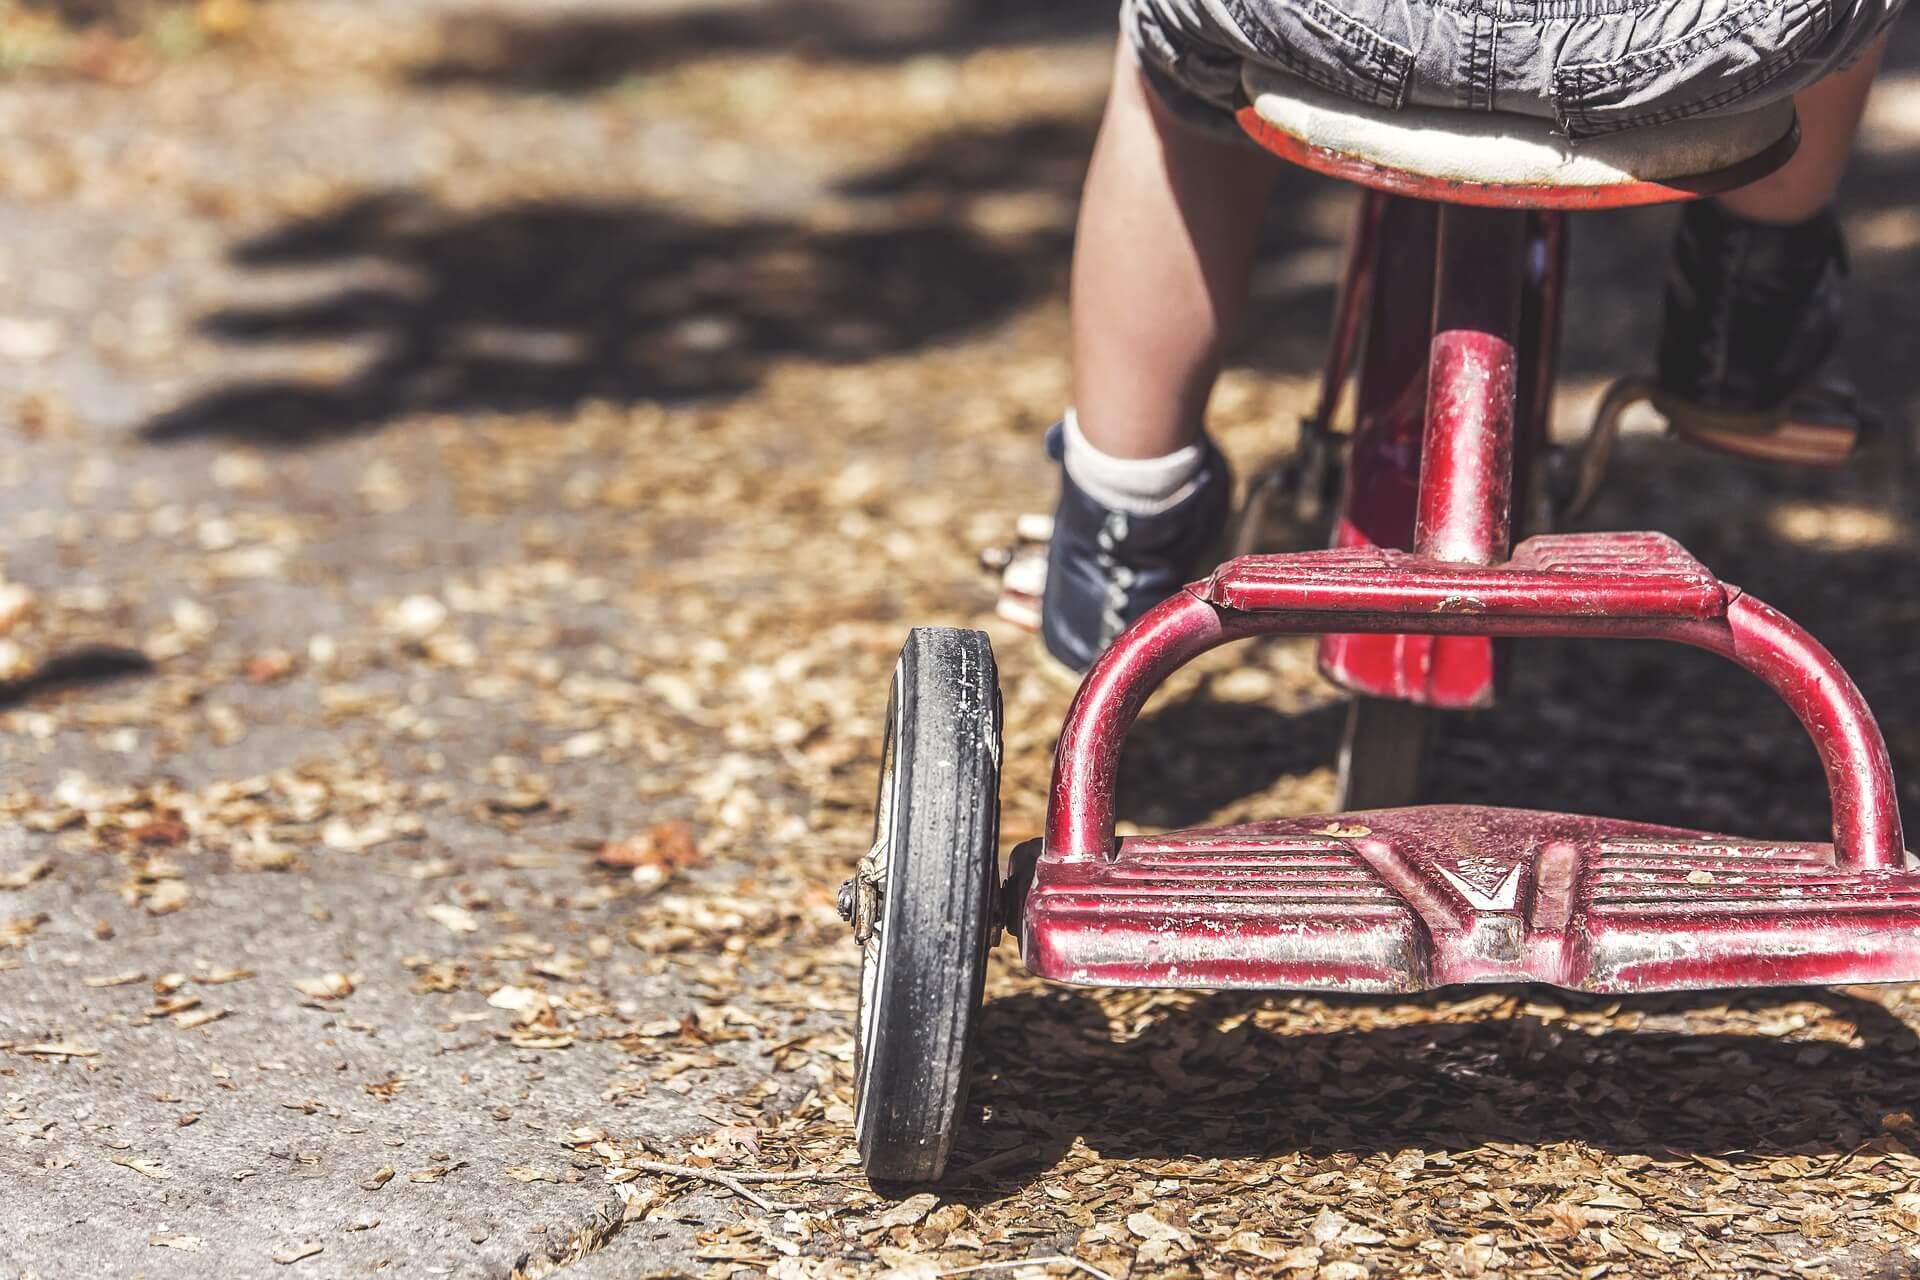 Les jambes d'un enfant sur un vélo.